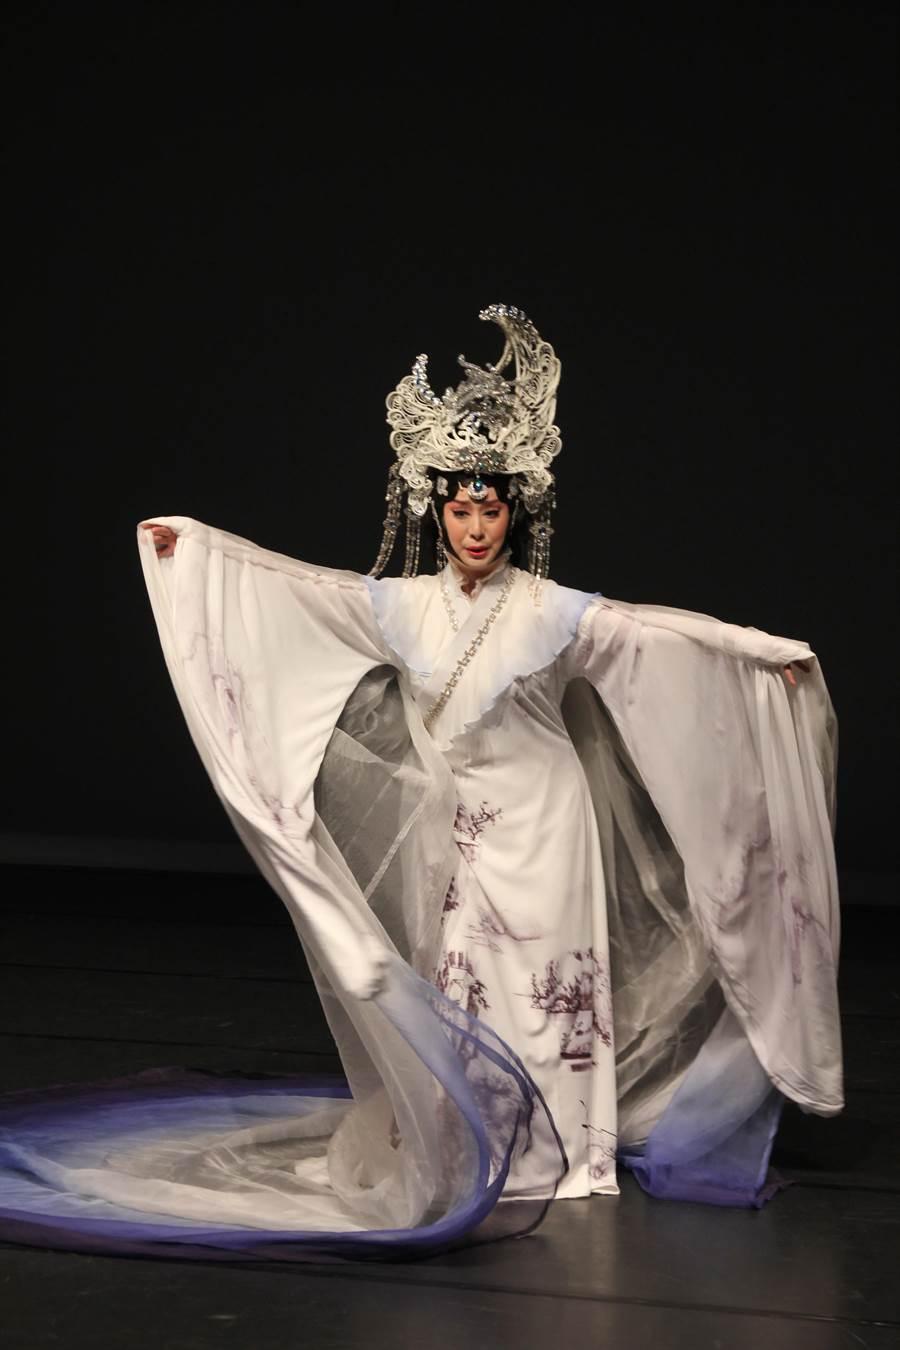 國光劇團京劇小天后黃宇琳在《快雪時晴》飾演大地之母。(陳淑芬攝)